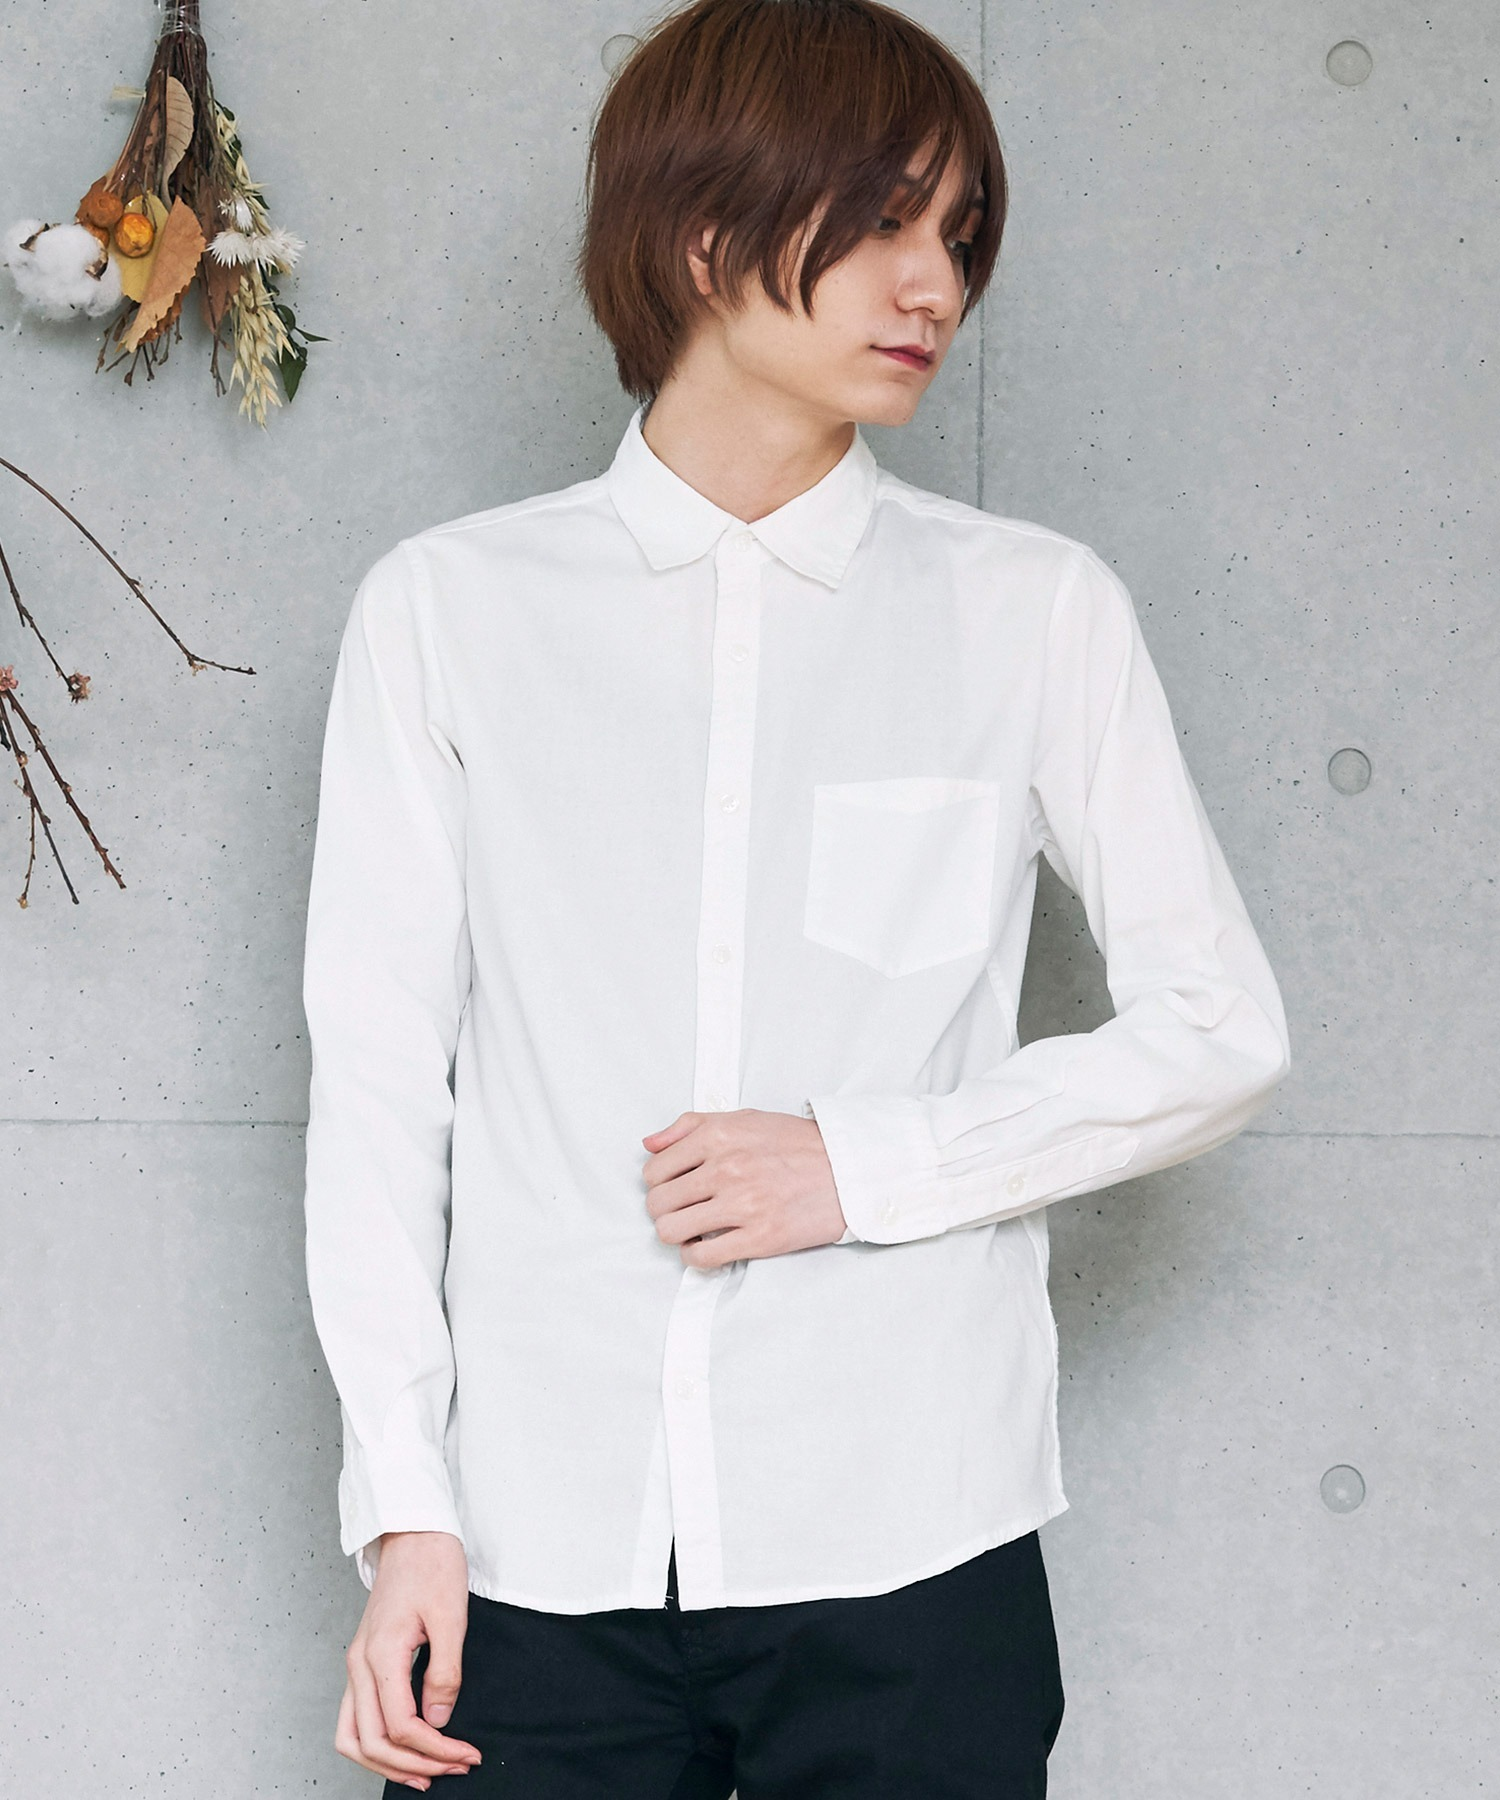 コットンストレッチ オックスフォード 無地チェック柄 L/S シャツ/長袖襟付きシャツ